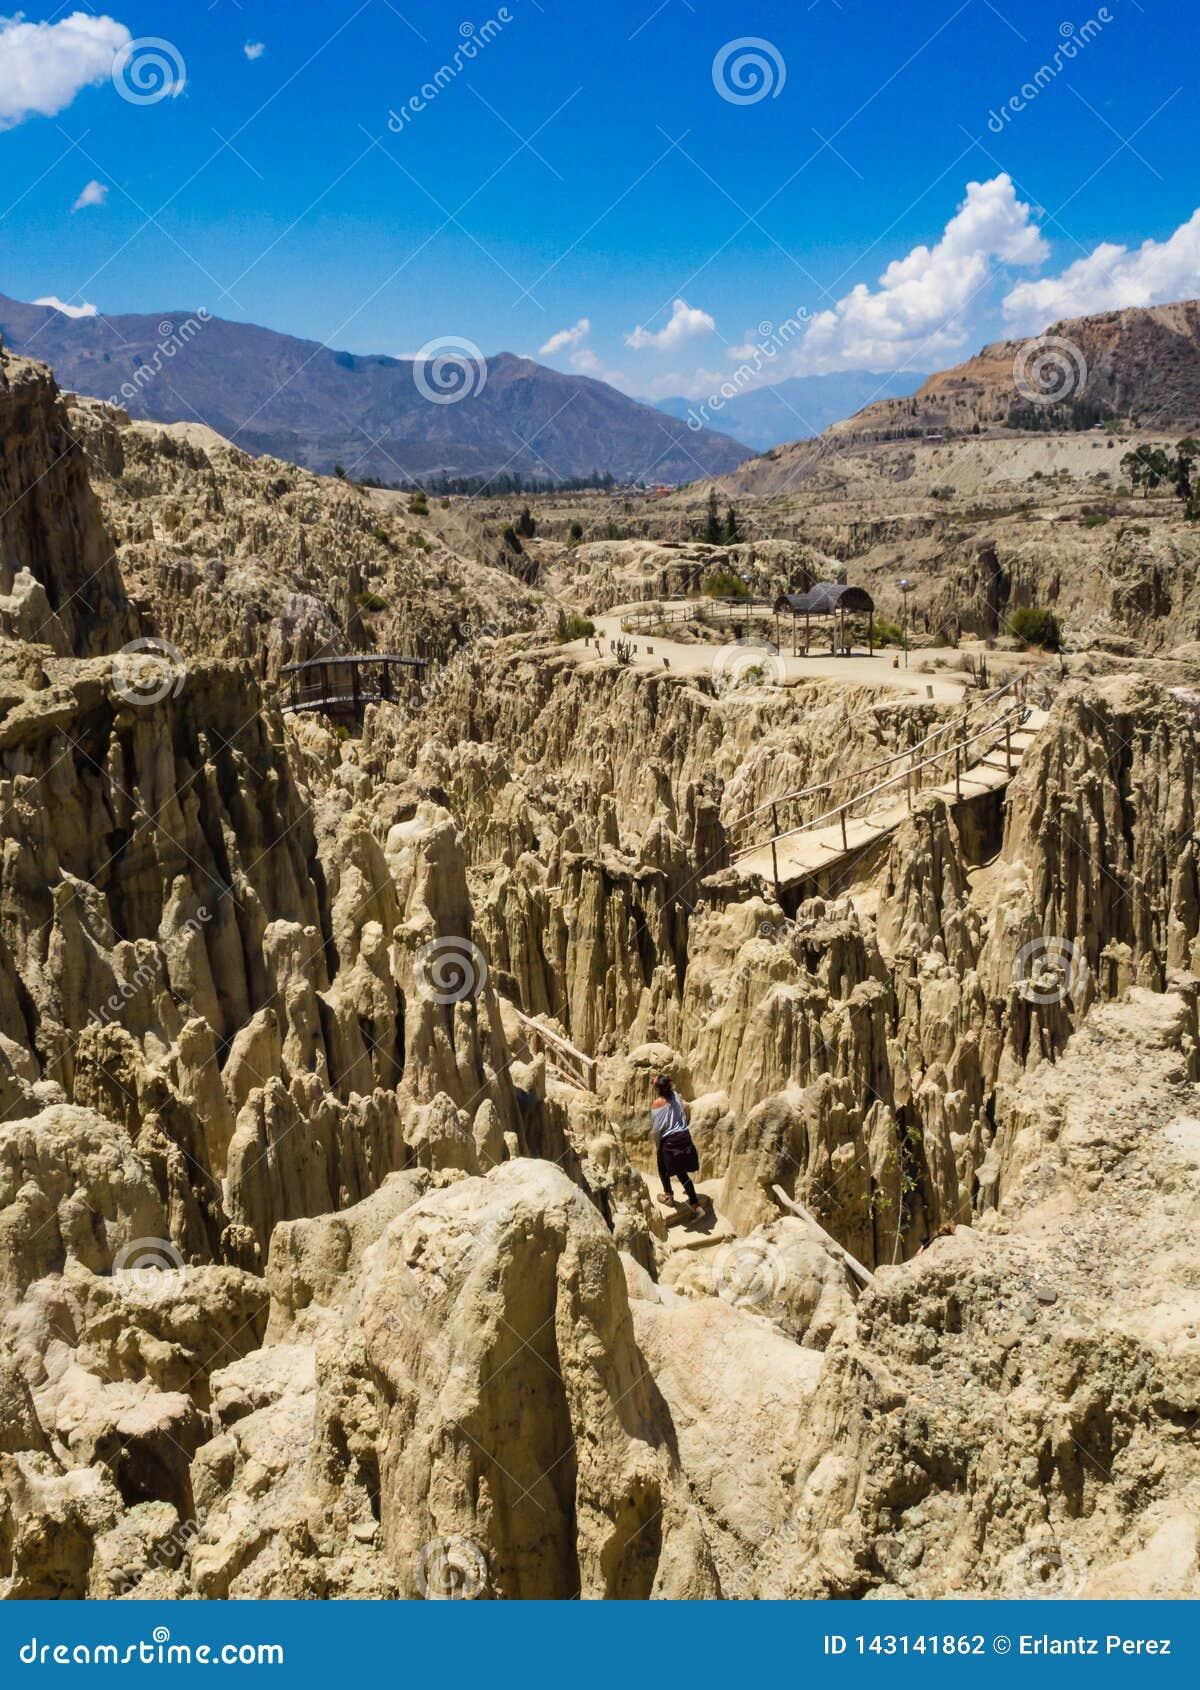 Μοναδικές γεωλογικές μορφές απότομων βράχων σχηματισμών, πάρκο κοιλάδων φεγγαριών, βουνά Λα Παζ, προορισμός ταξιδιού τουριστών τη